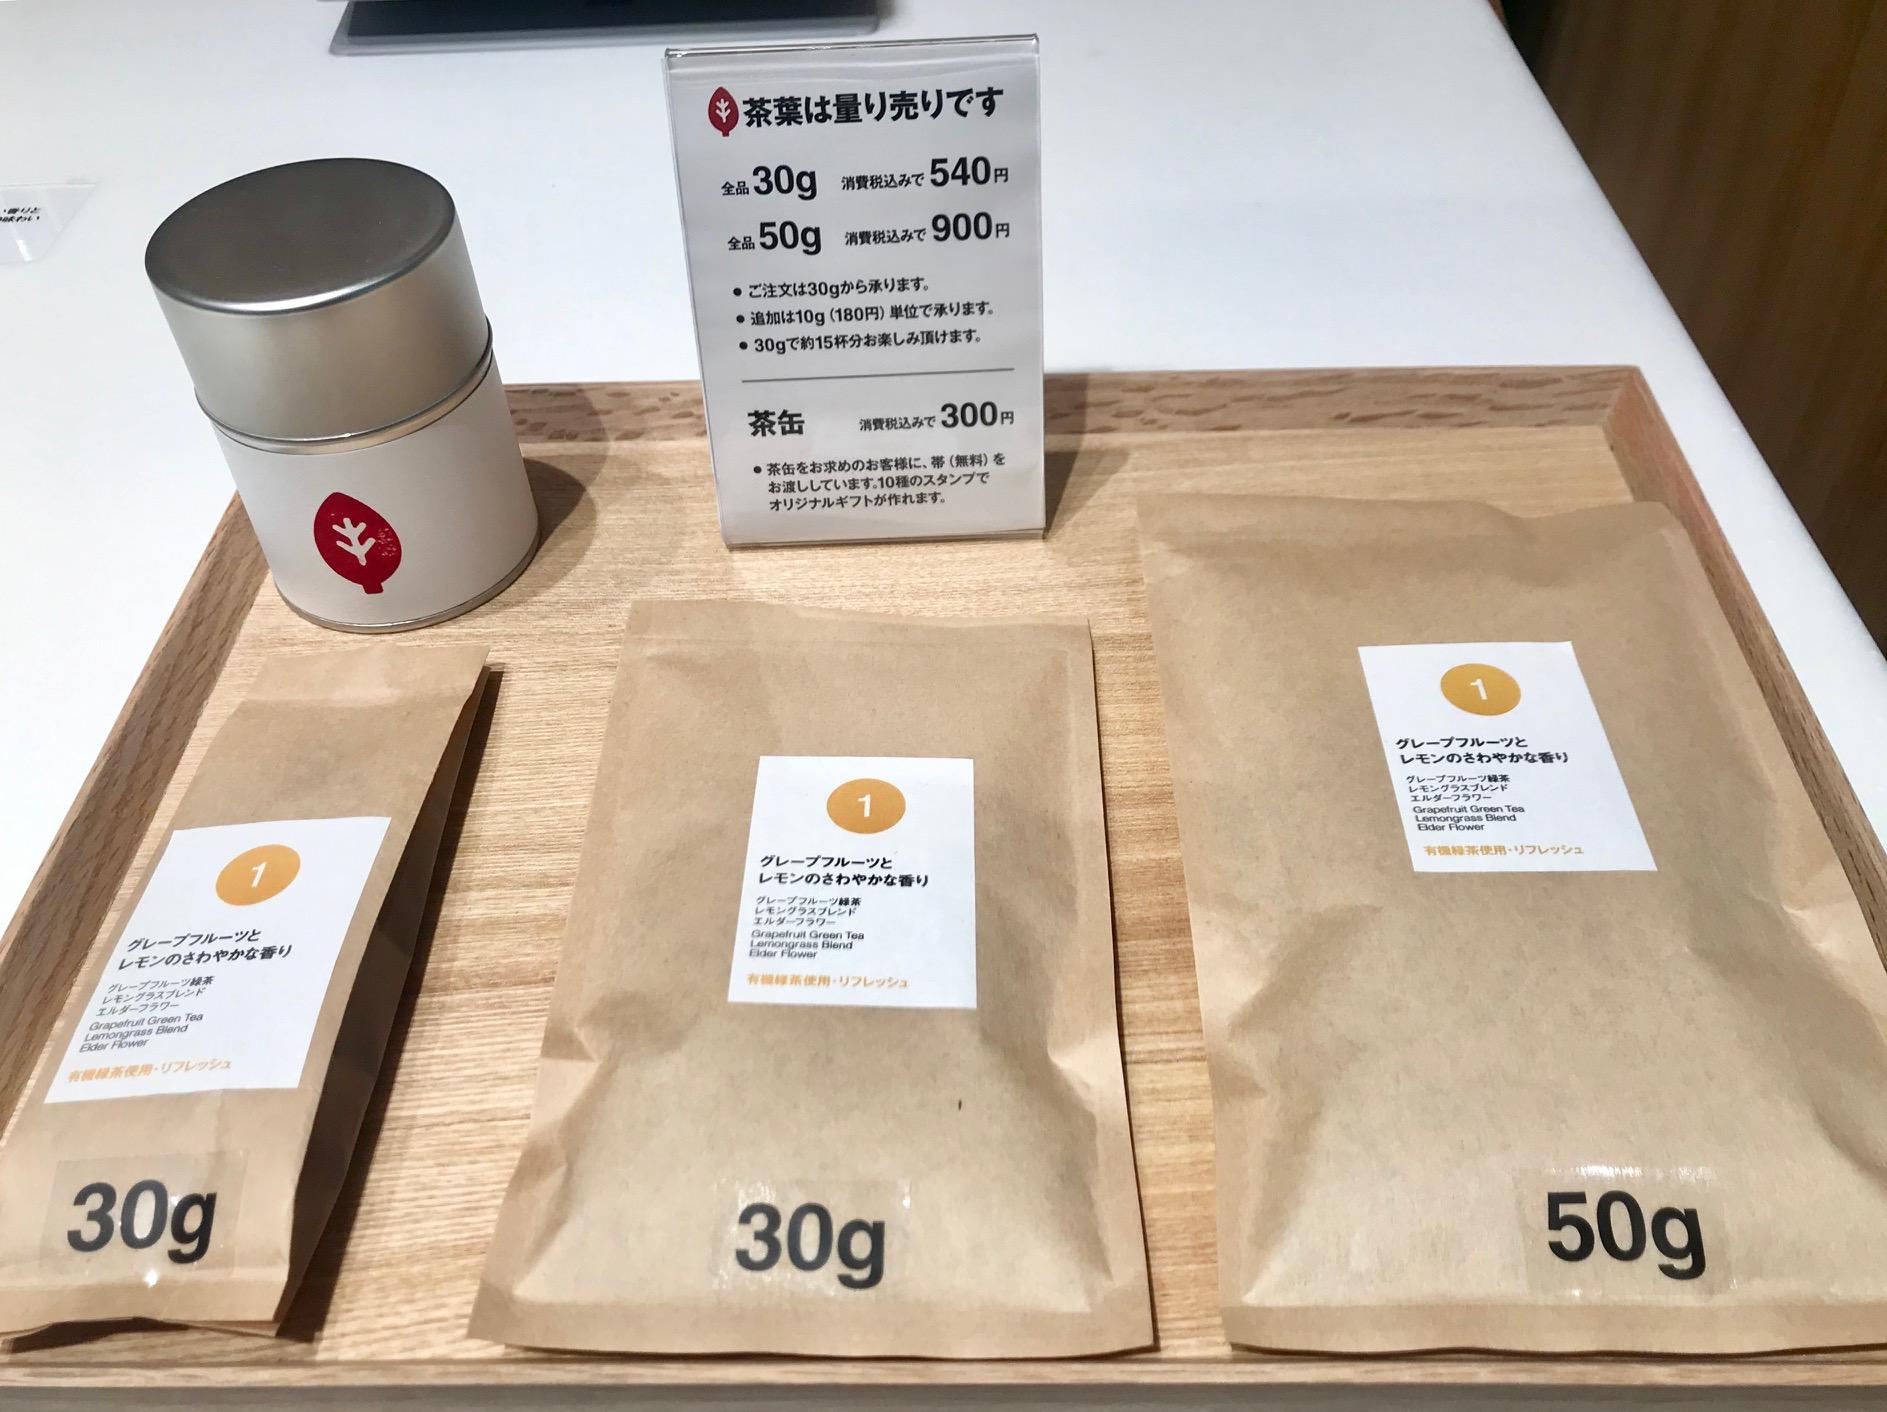 「無印良品 銀座」特集 - 無印良品の旗艦店OPEN!日本初のホテルやレストラン、限定商品まとめ_32